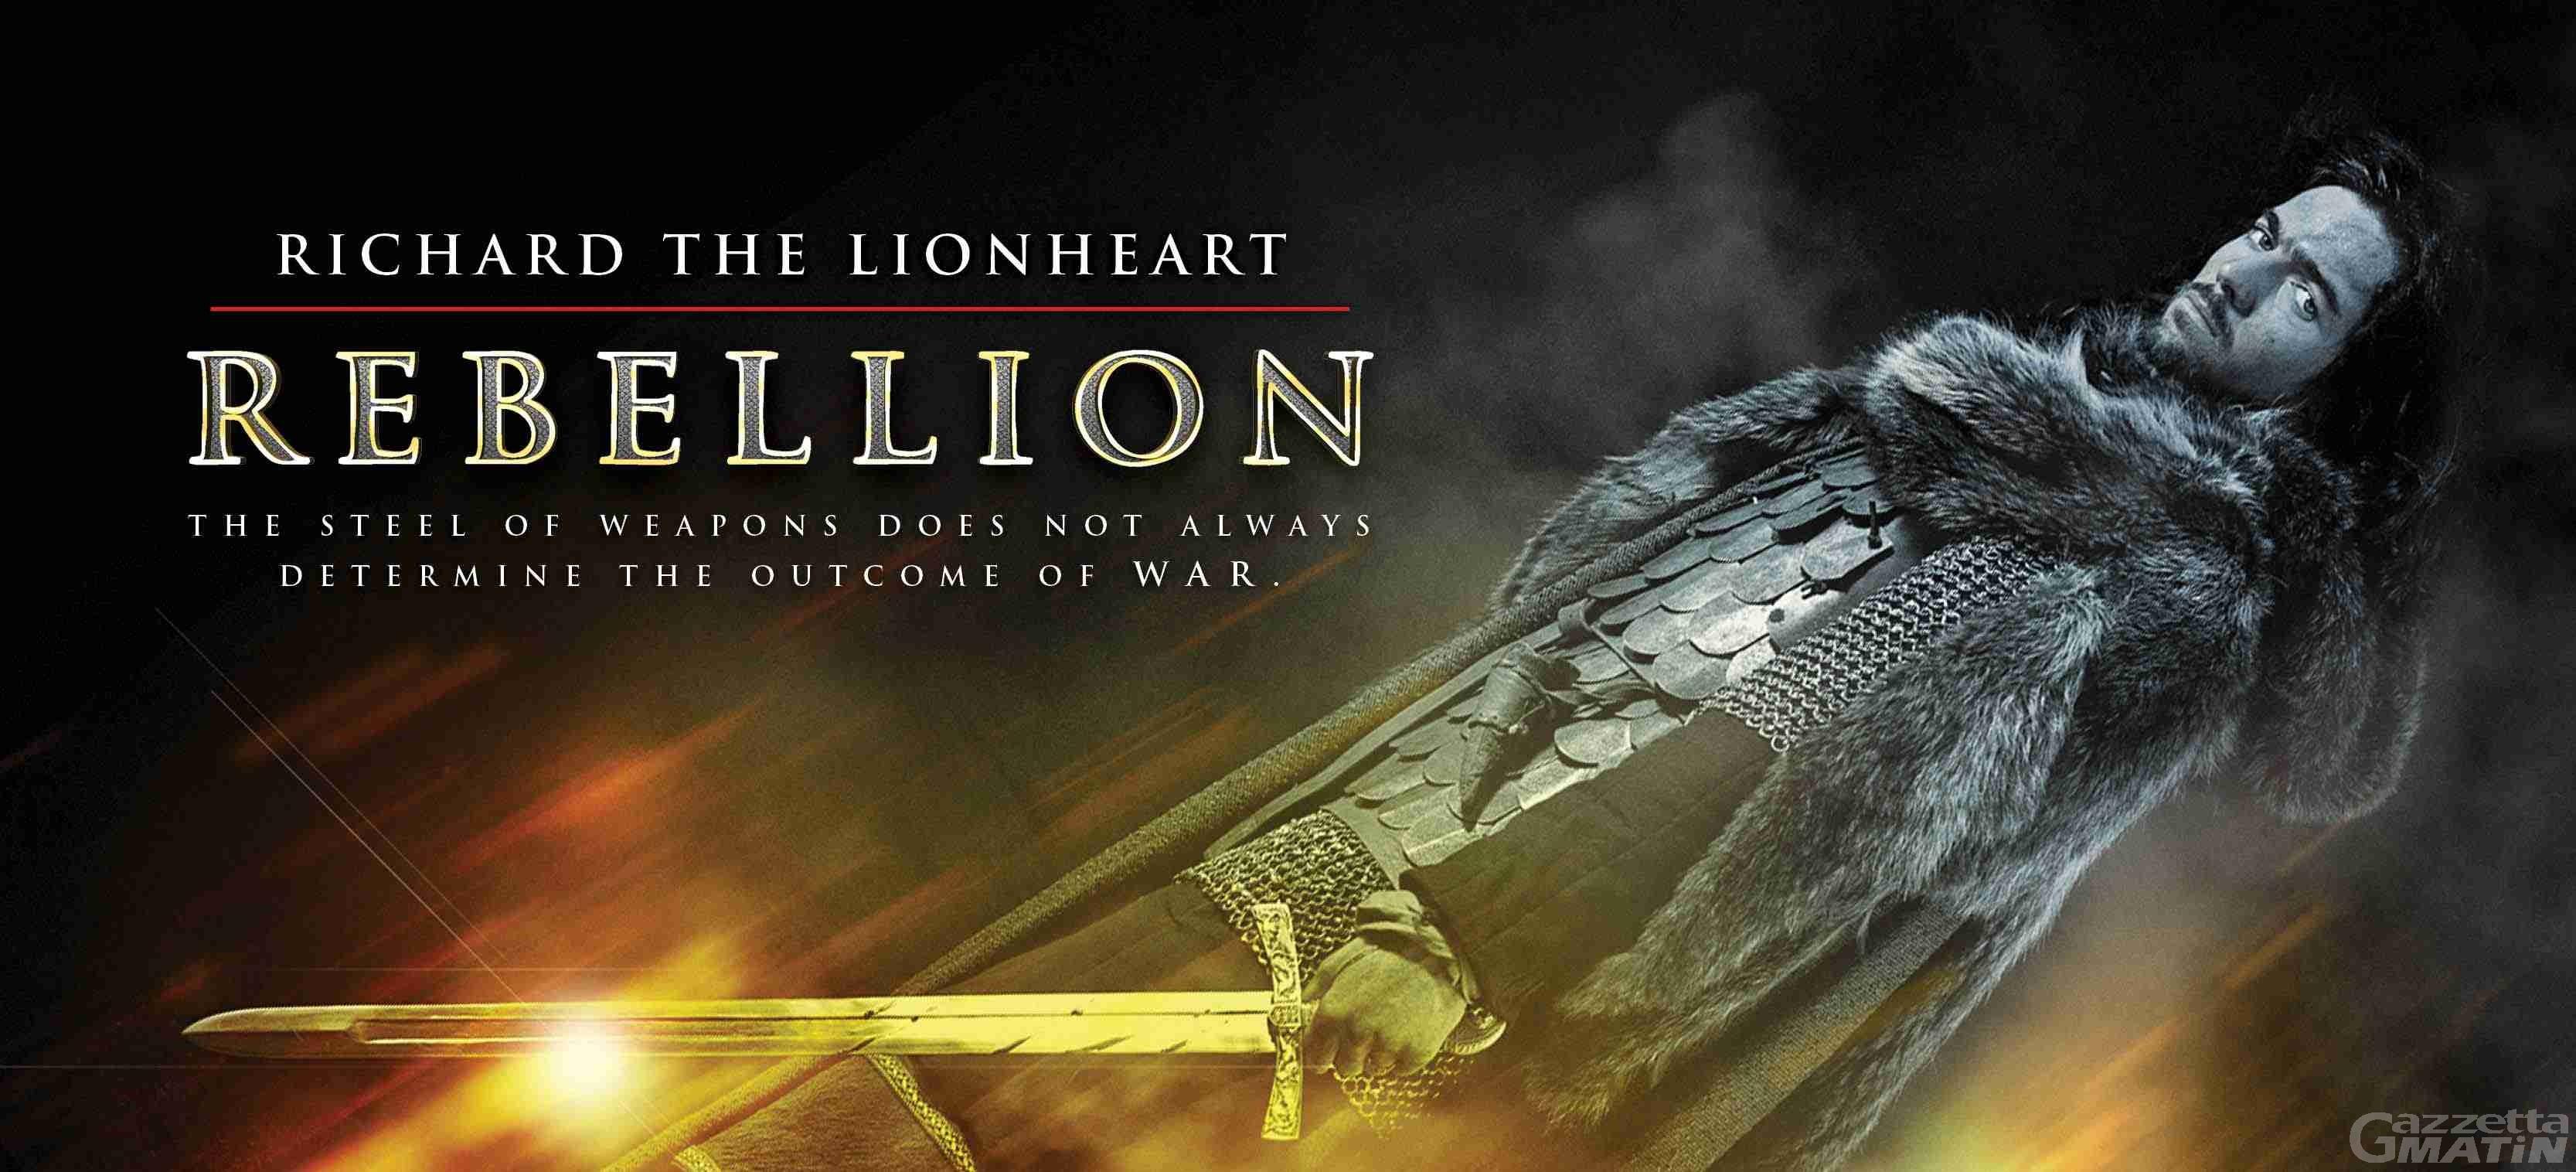 Cinema, Richard the Lionheart cerca comparse per l'assedio di Fénis